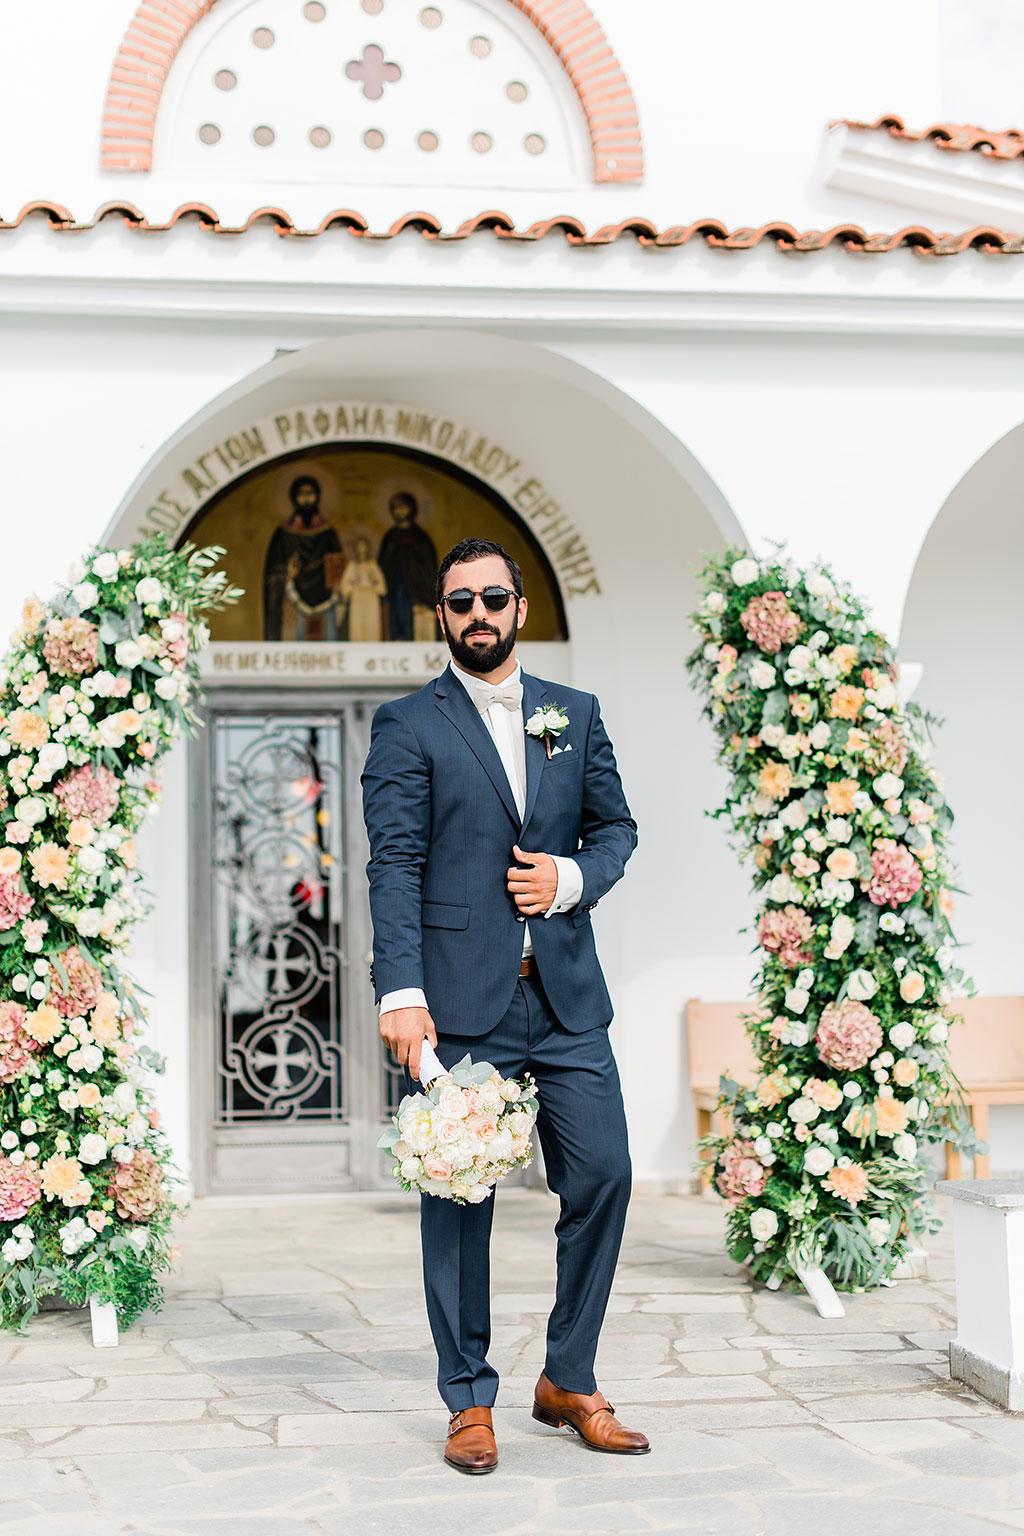 ο γαμπρός περιμένει την νύφη στην εκκλησια με το νυφικό μπουκέτο στο χέρι